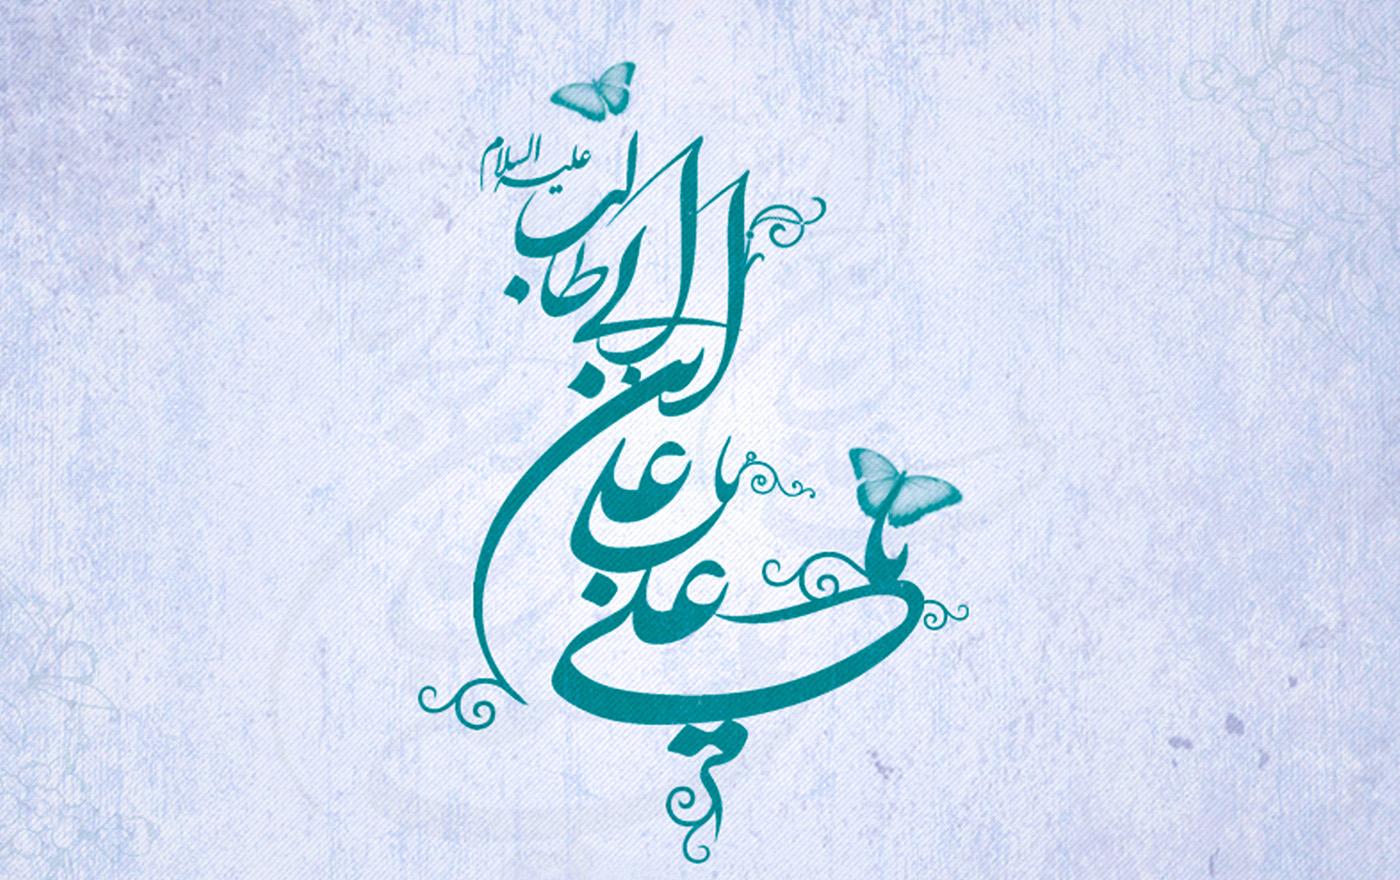 سه گام با حضرت علی (علیه السلام )